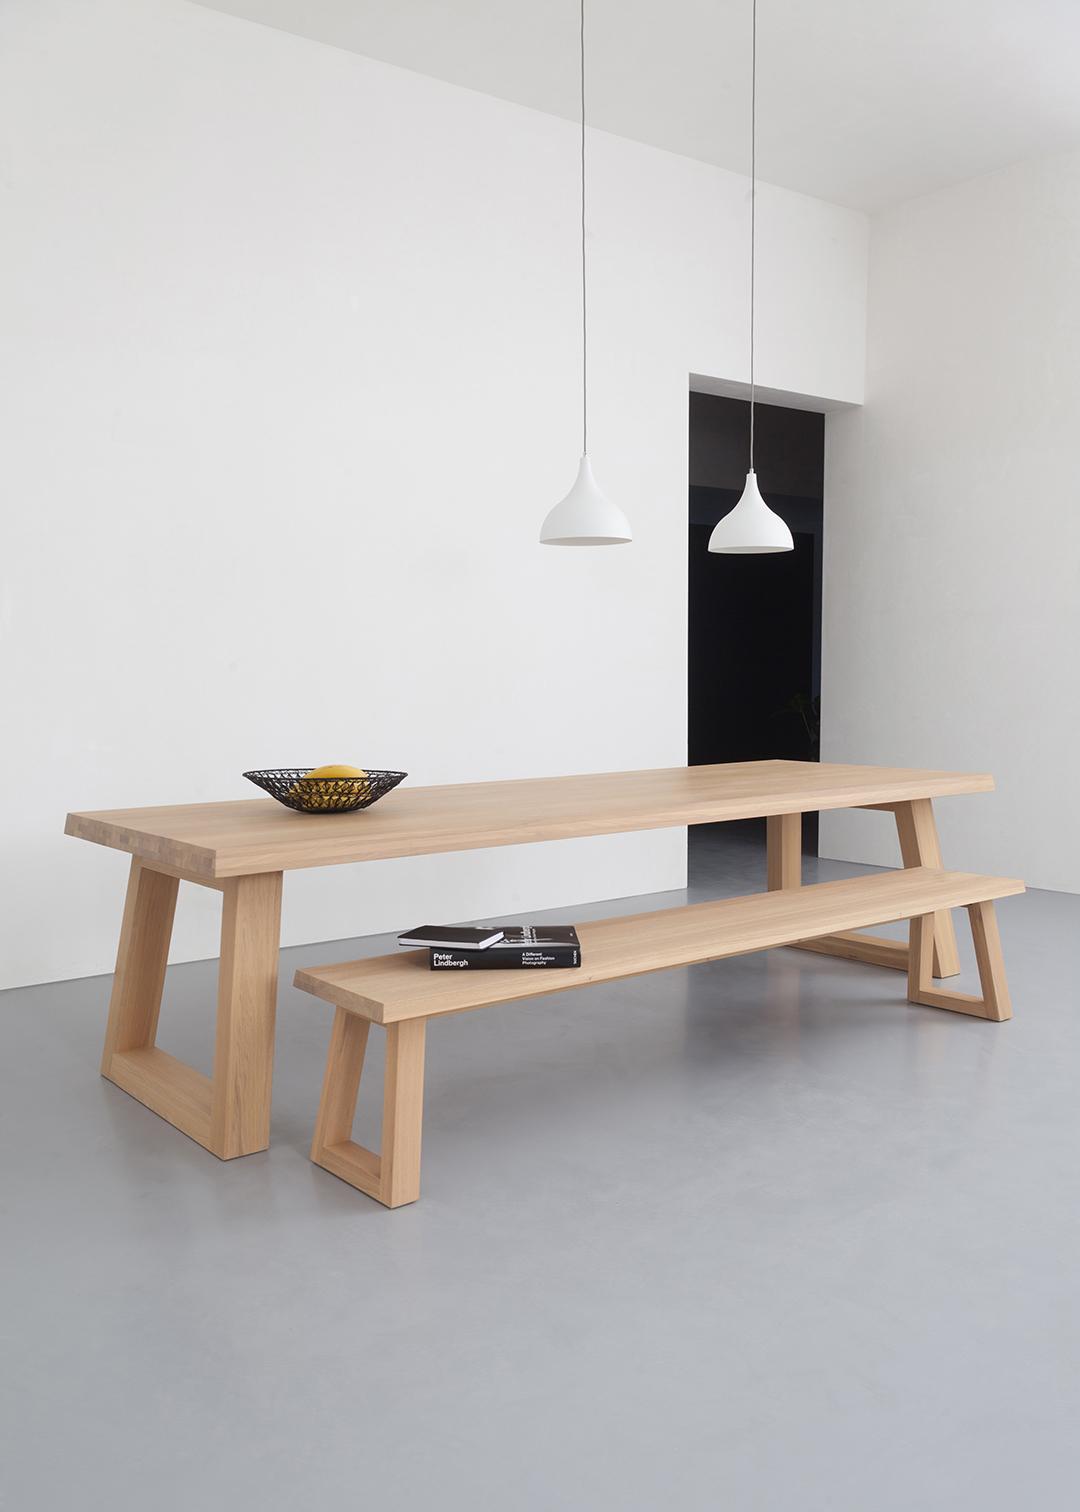 wickelmaschine design mobel ~ beste inspiration für ihr interior, Attraktive mobel